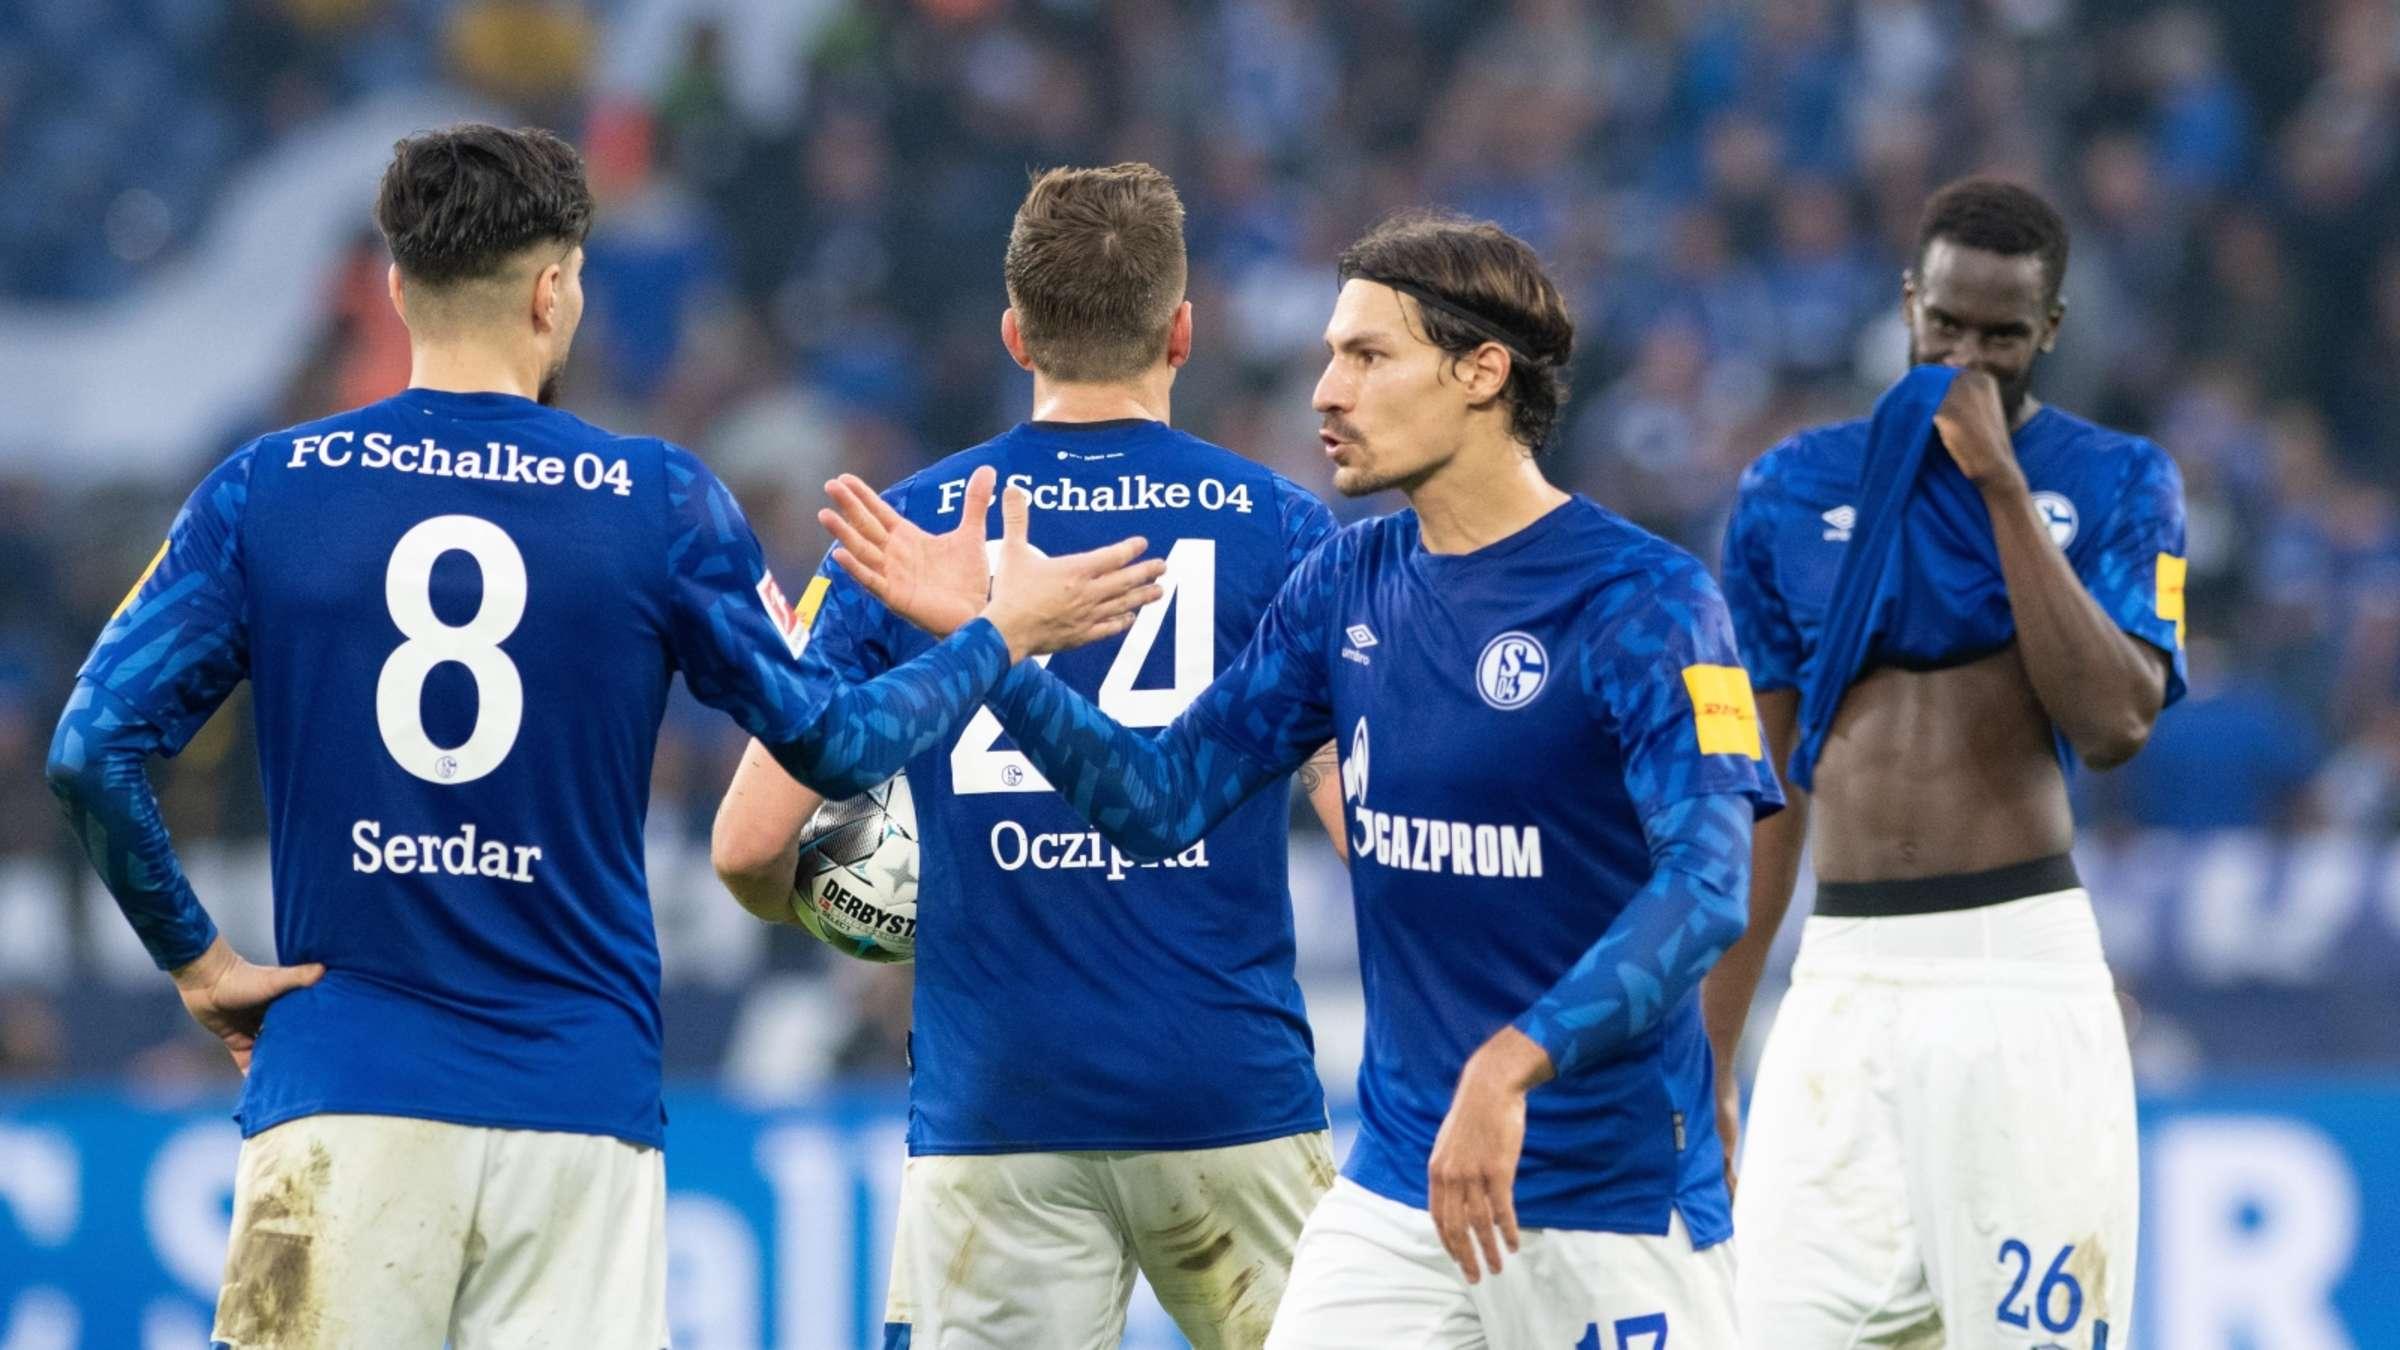 Dfb Pokal Schalke